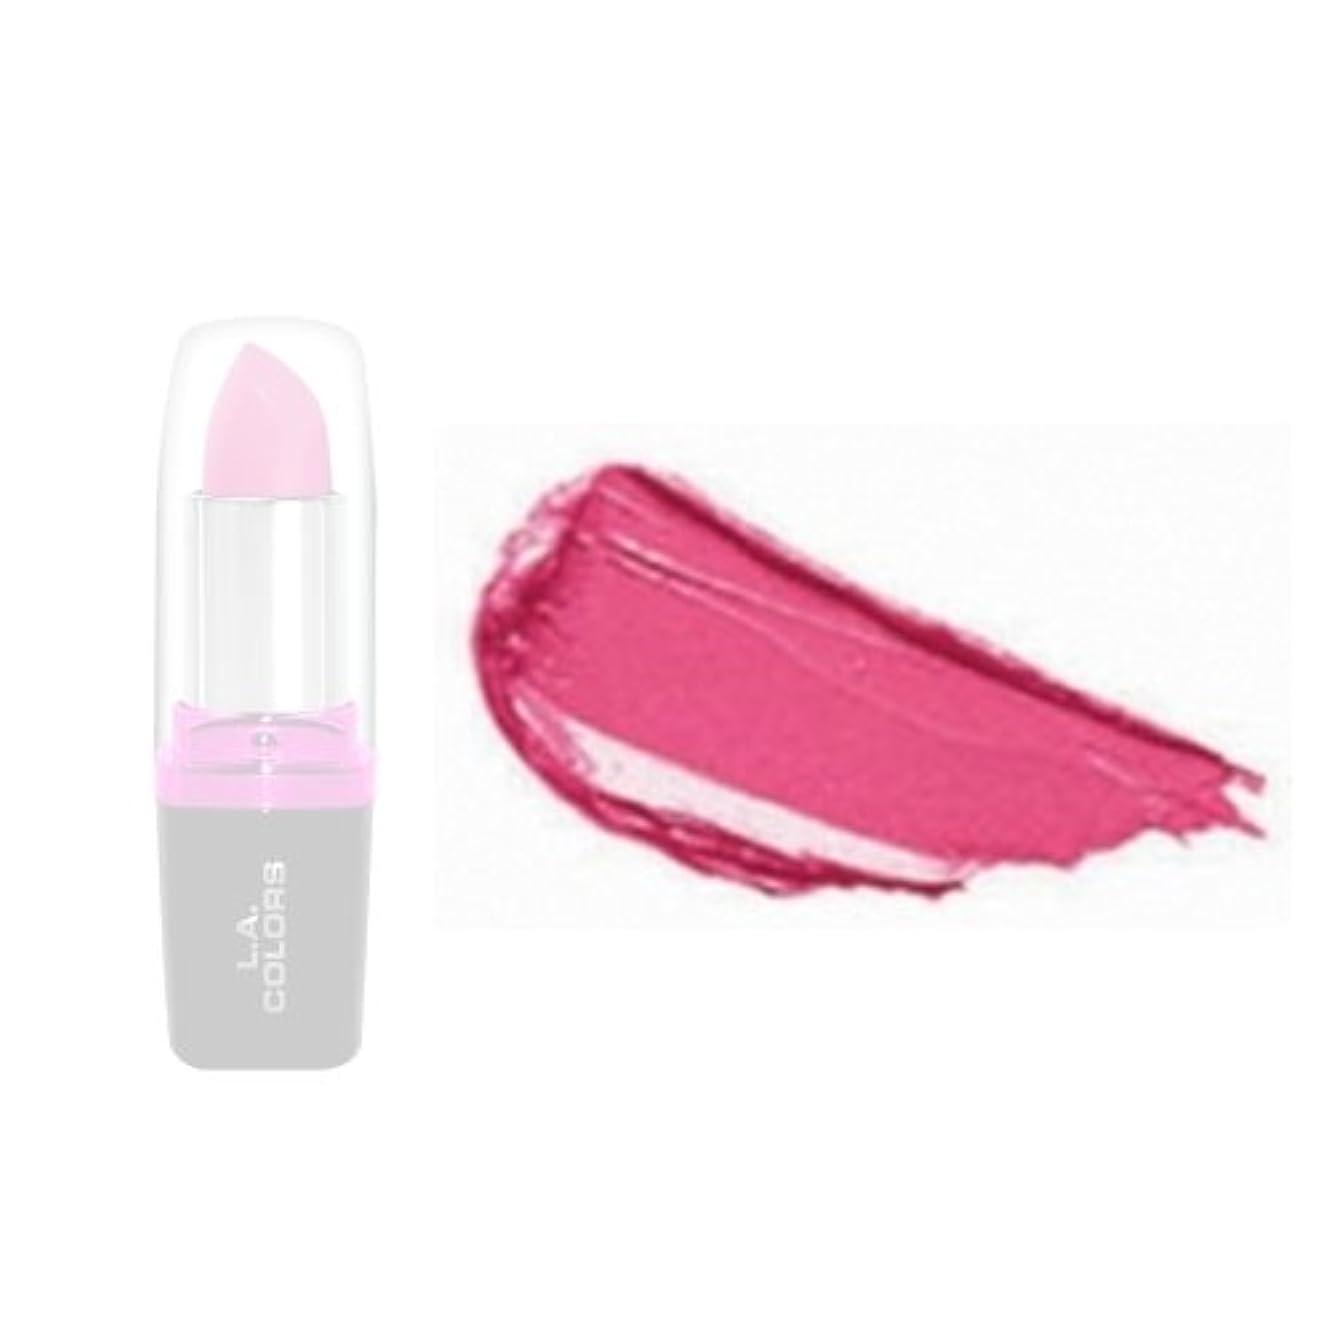 とげ不器用利用可能LA Colors Hydrating Lipstick - Pink Wink (並行輸入品)